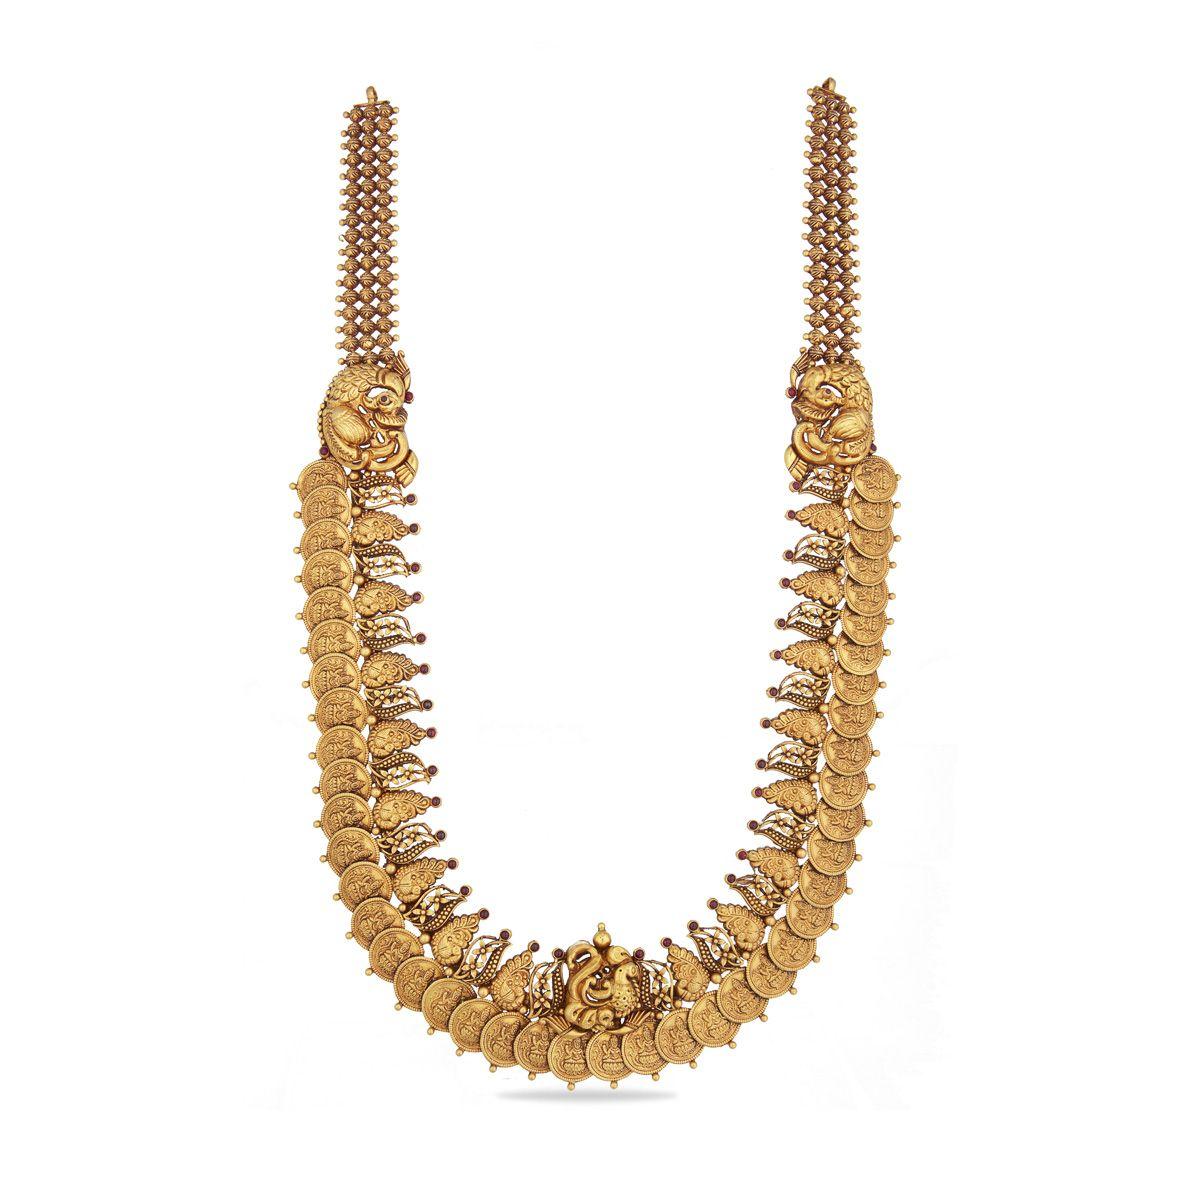 Indian Gold Necklace Online | 22K Gold Necklace Set Online ...